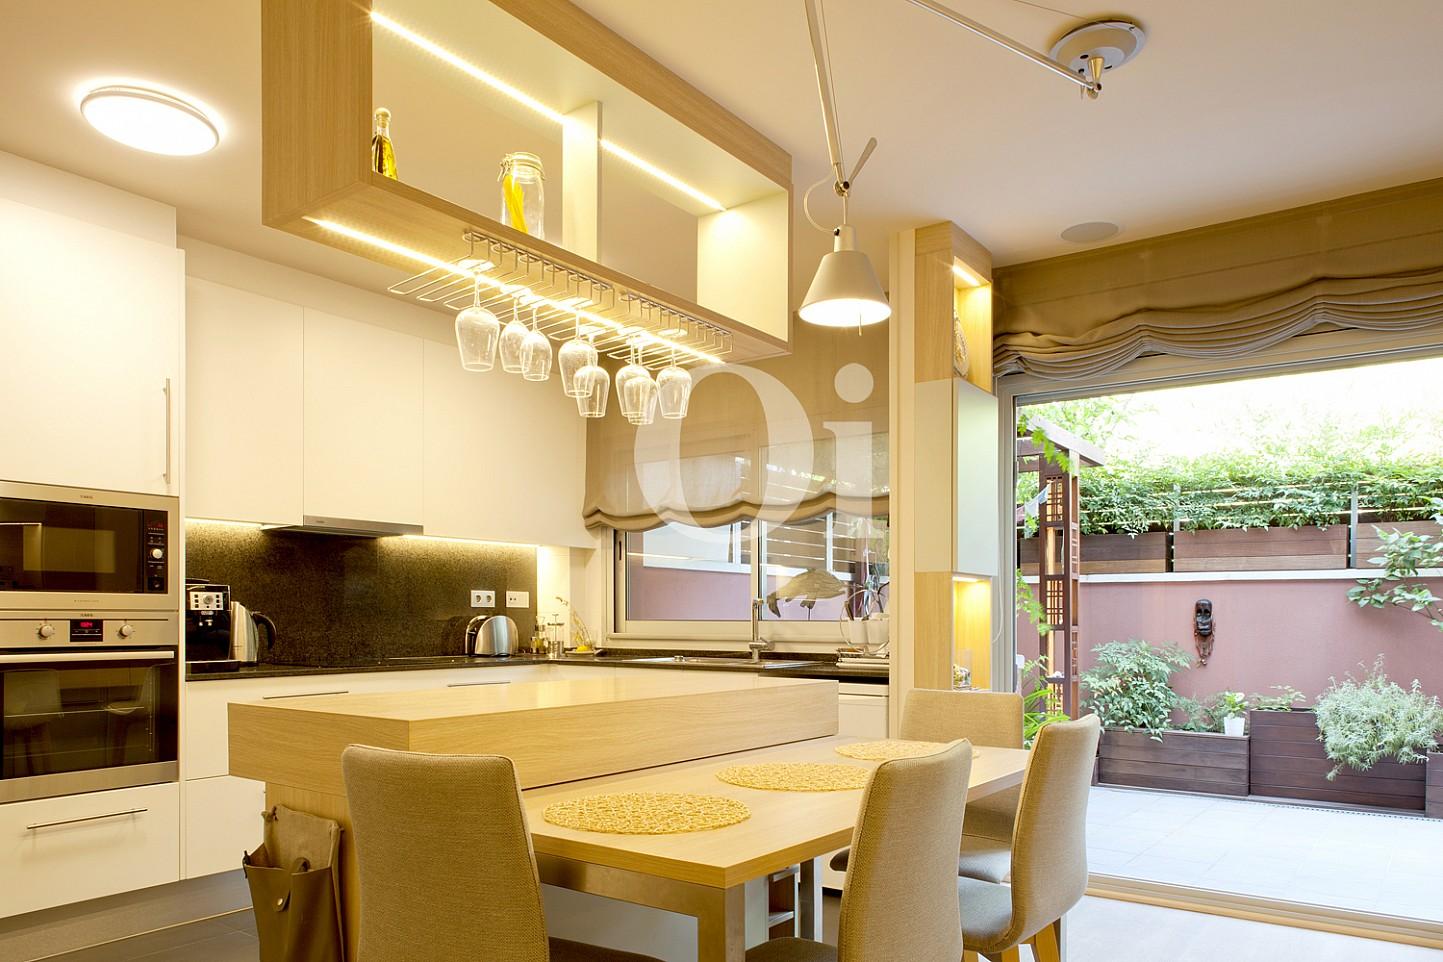 cocina, cocina equipada, cocina con electrodomésticos, electrodomésticos, , cocina con isla